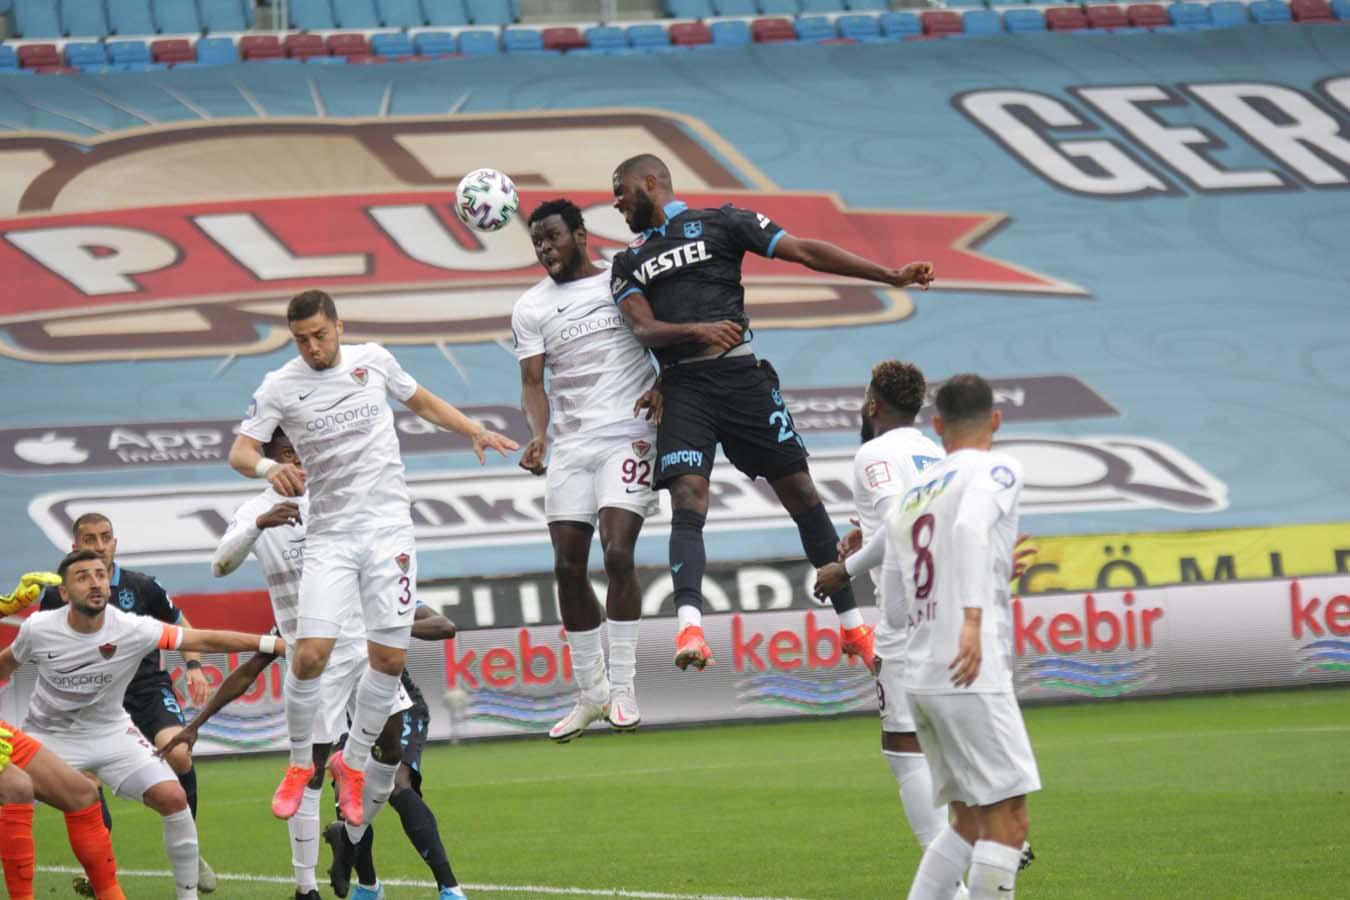 Son dakika| Trabzonspor, Hatayspor'a diş geçiremedi: 1-1